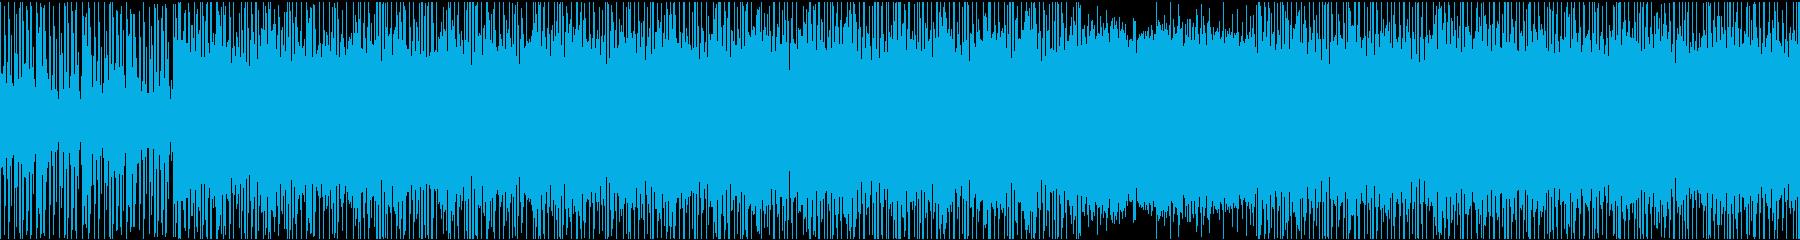 【ループ仕様】ダークな雰囲気のピアノ楽曲の再生済みの波形